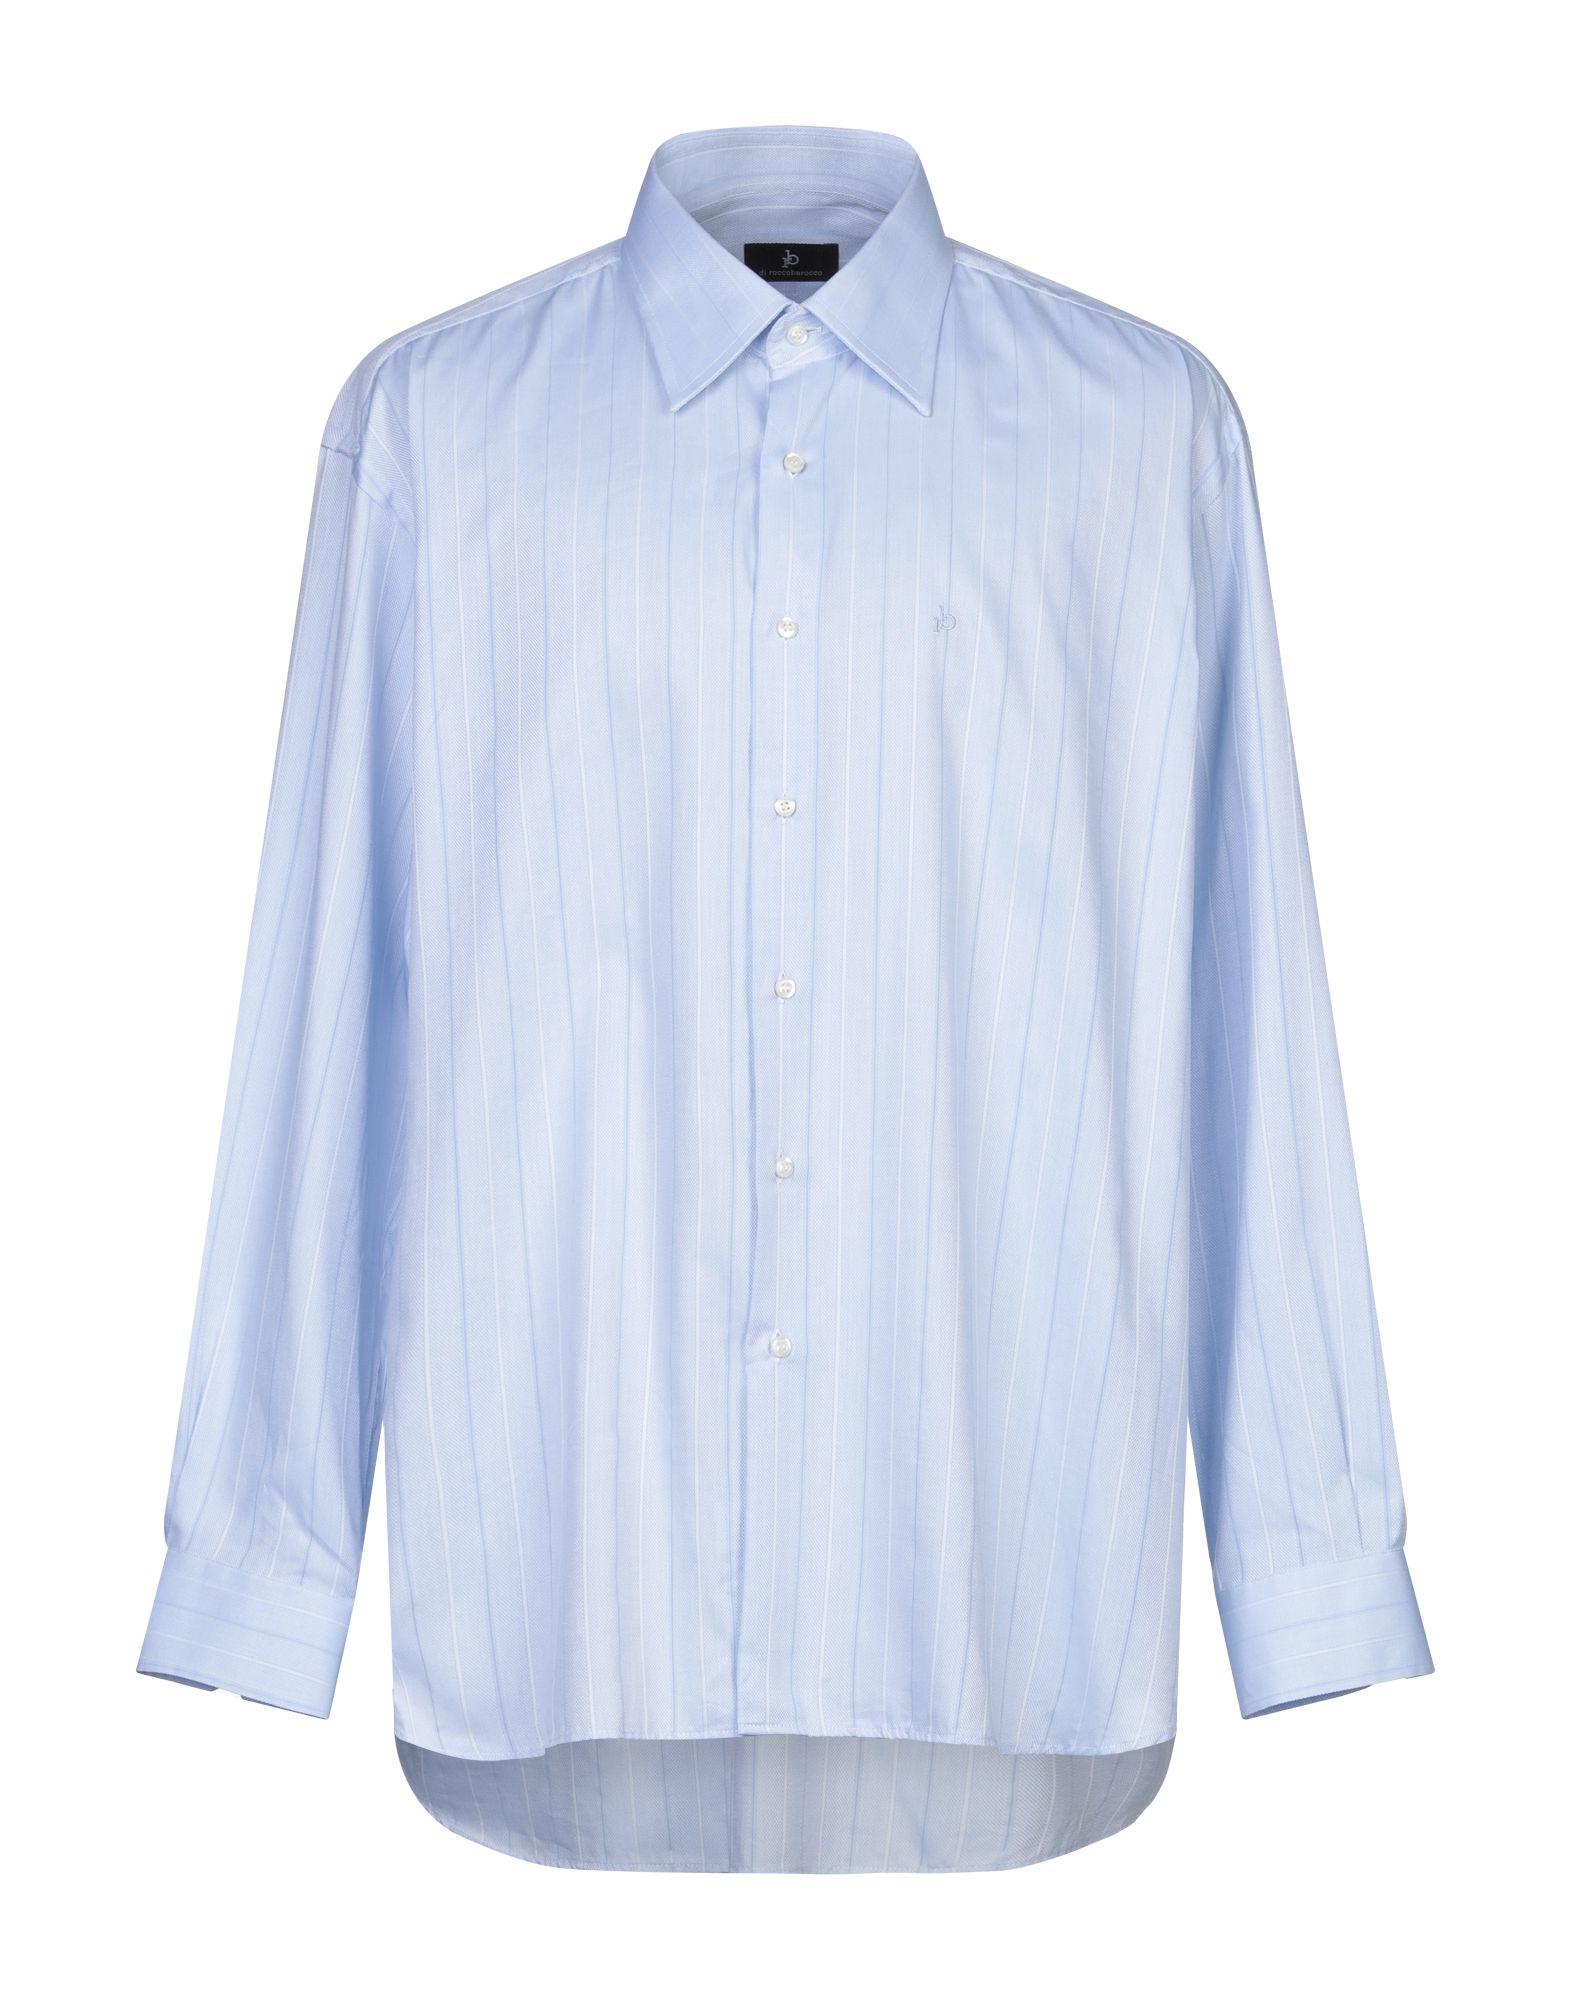 《セール開催中》ROCCOBAROCCO メンズ シャツ スカイブルー 47 コットン 100%